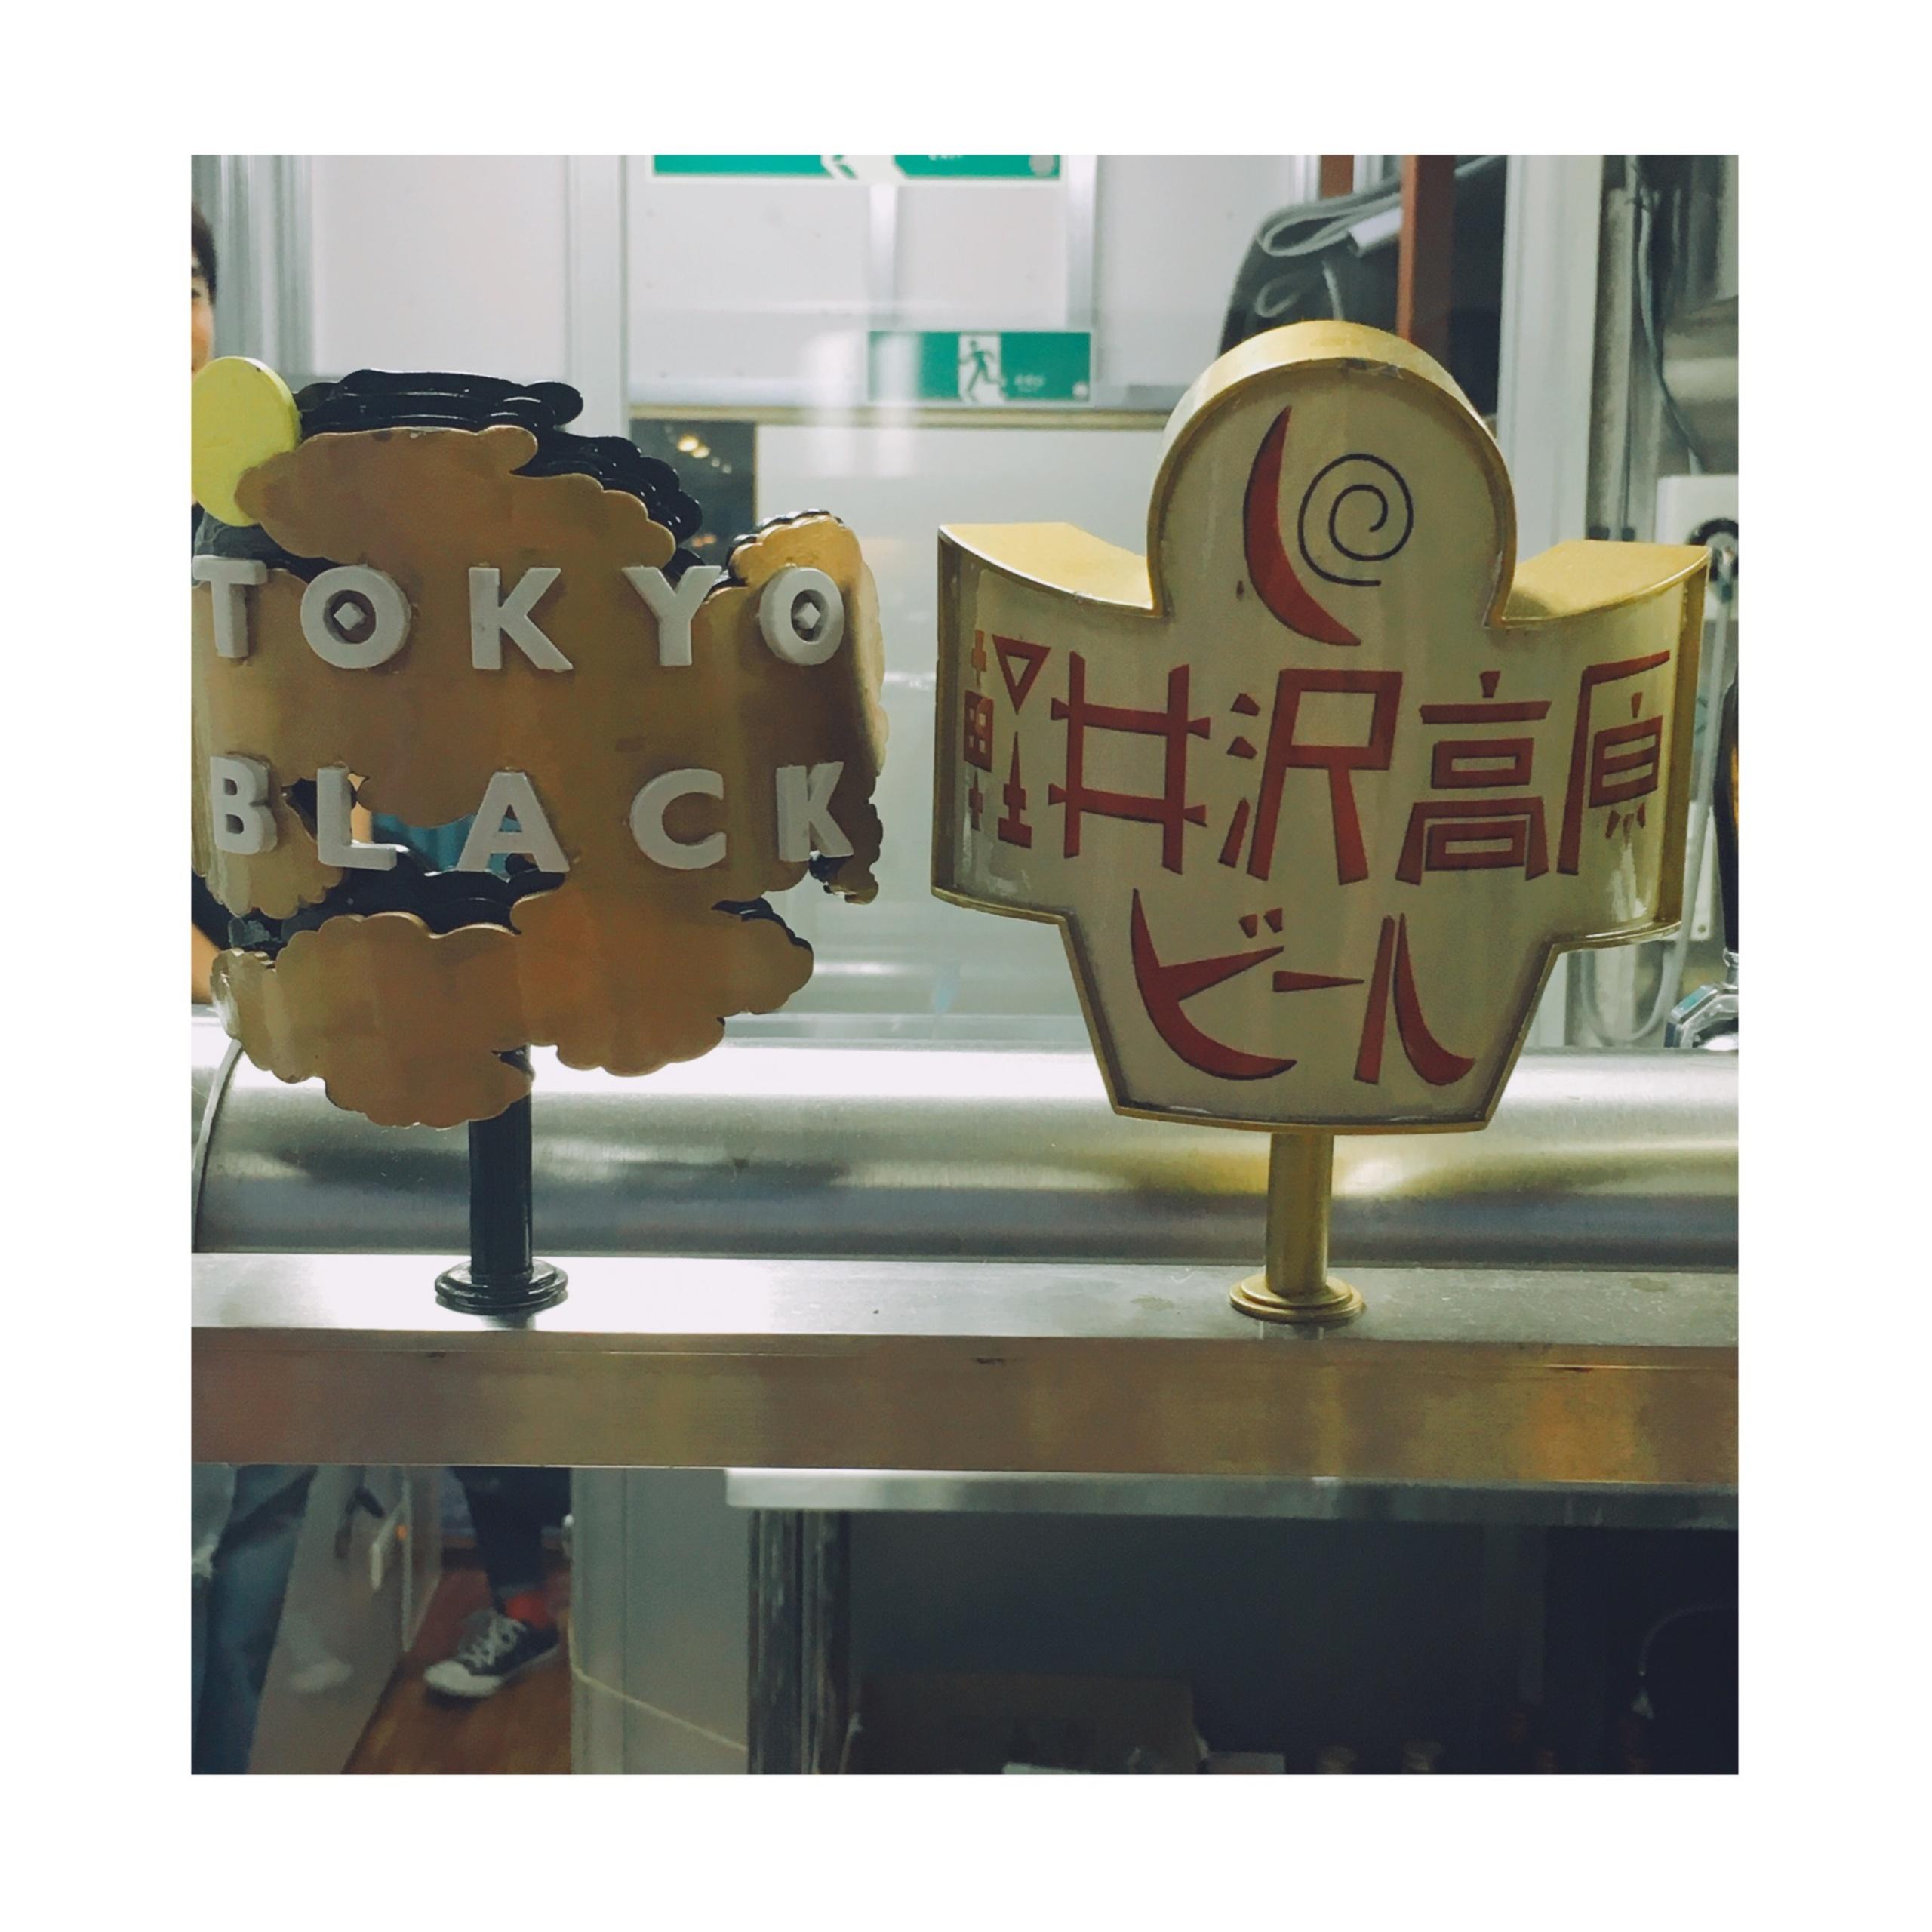 《インスタ映え★フォトジェニック❤️》【ビアガ女子会】YONA YONA BEER GARDEN♡インスタ投稿で1杯無料キャンペーンも!_5